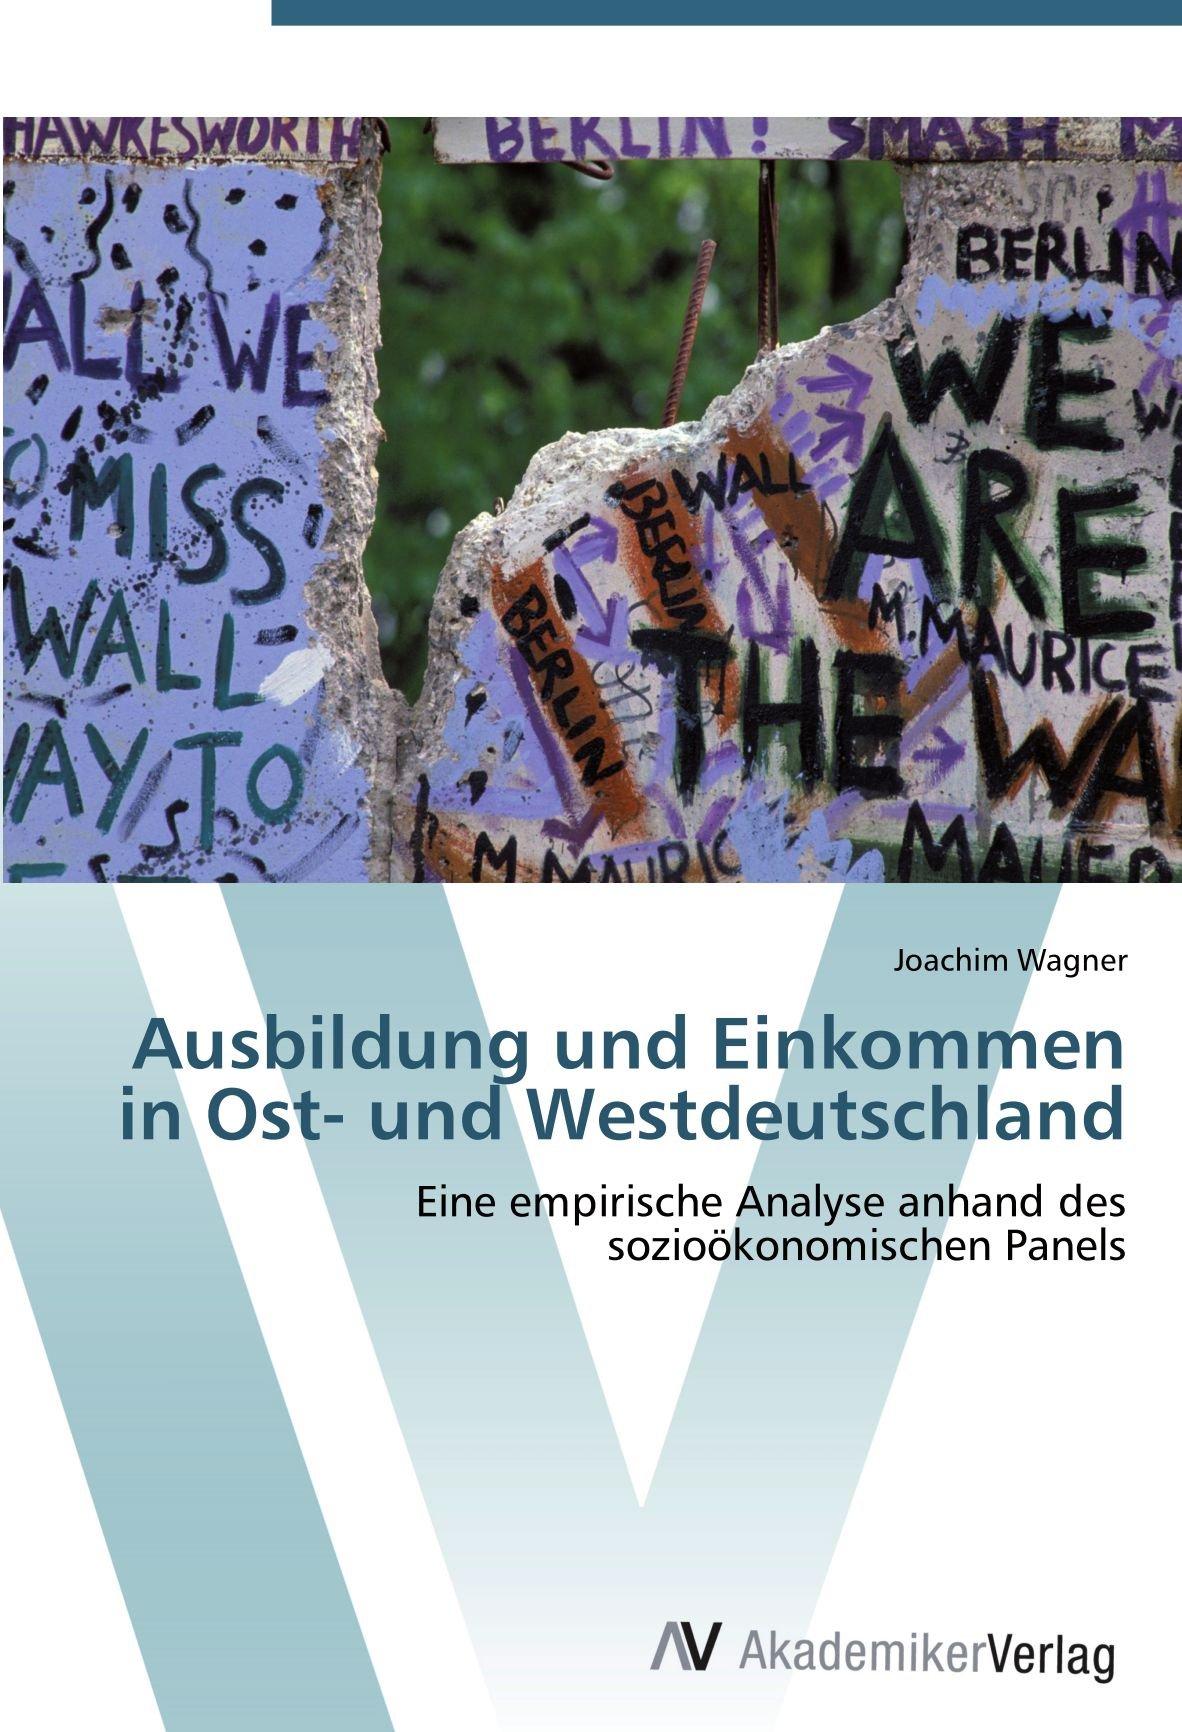 Read Online Ausbildung und Einkommen in Ost- und Westdeutschland: Eine empirische Analyse anhand des sozioökonomischen Panels (German Edition) PDF